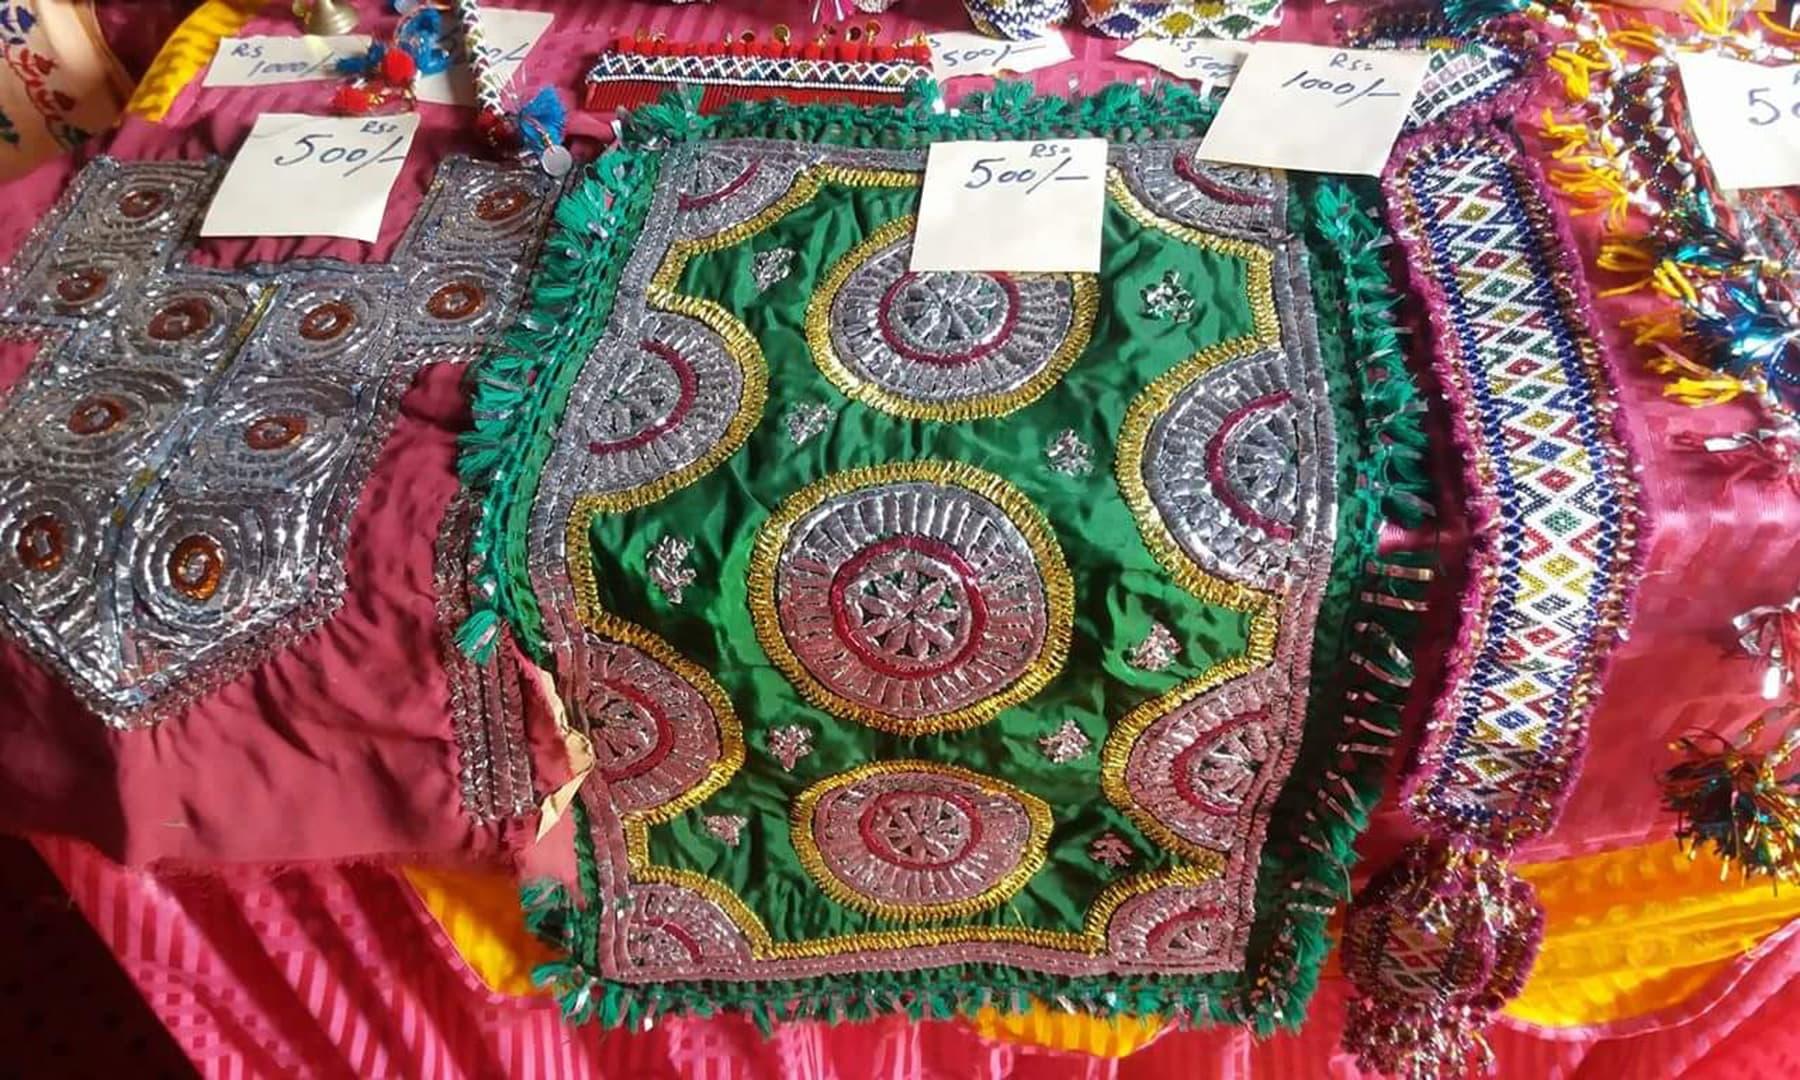 مقامی خواتین کی تیار کردہ چادریں —تصویر شبینہ فراز